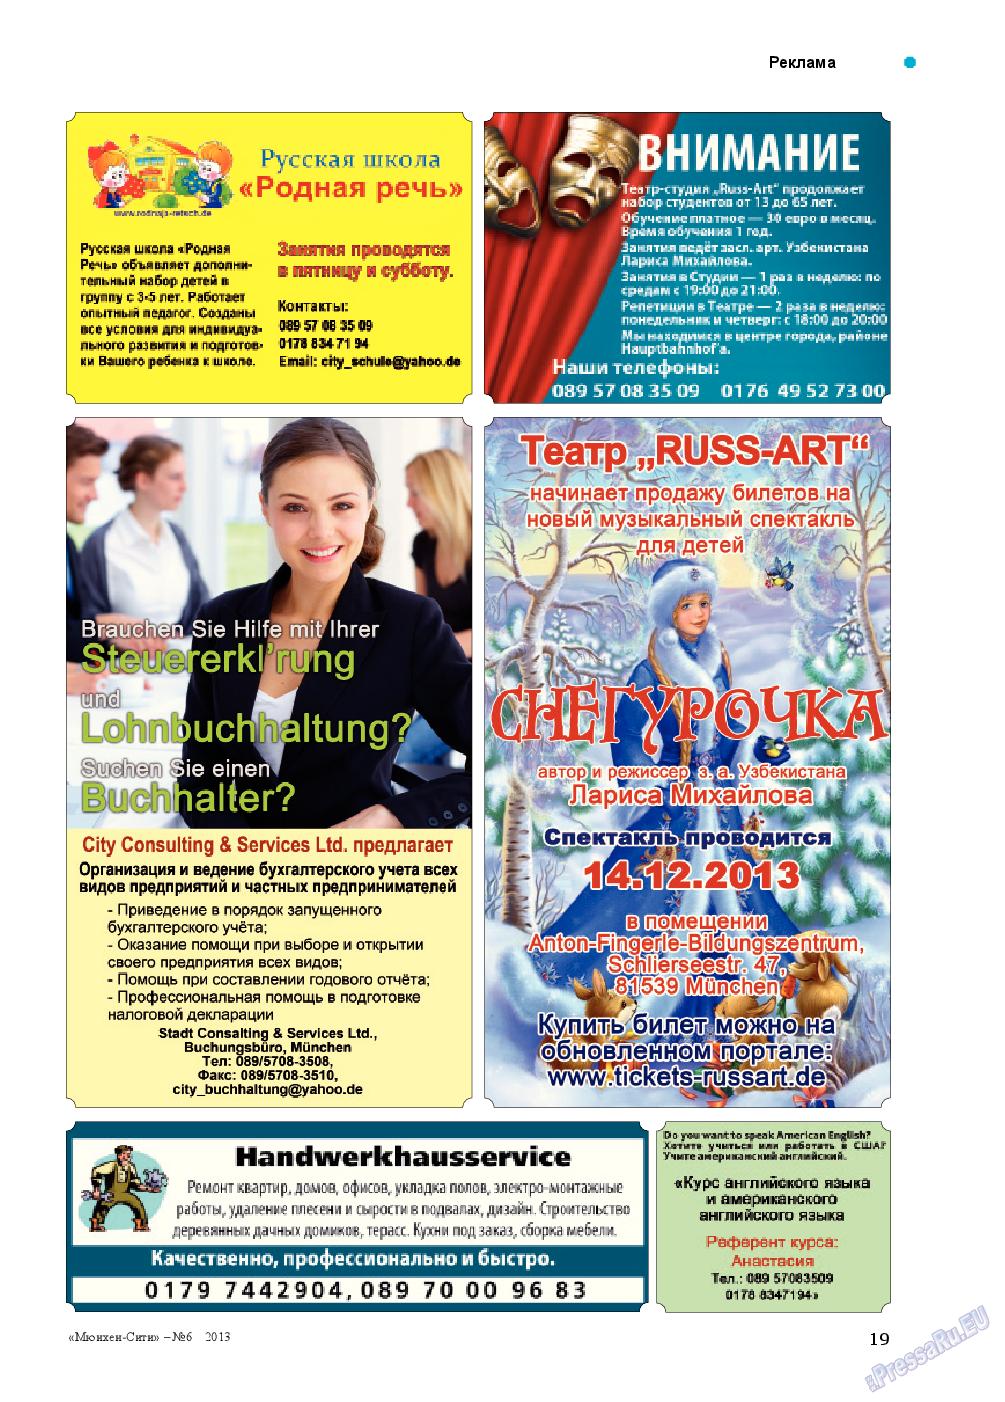 Мюнхен-сити (журнал). 2013 год, номер 6, стр. 19